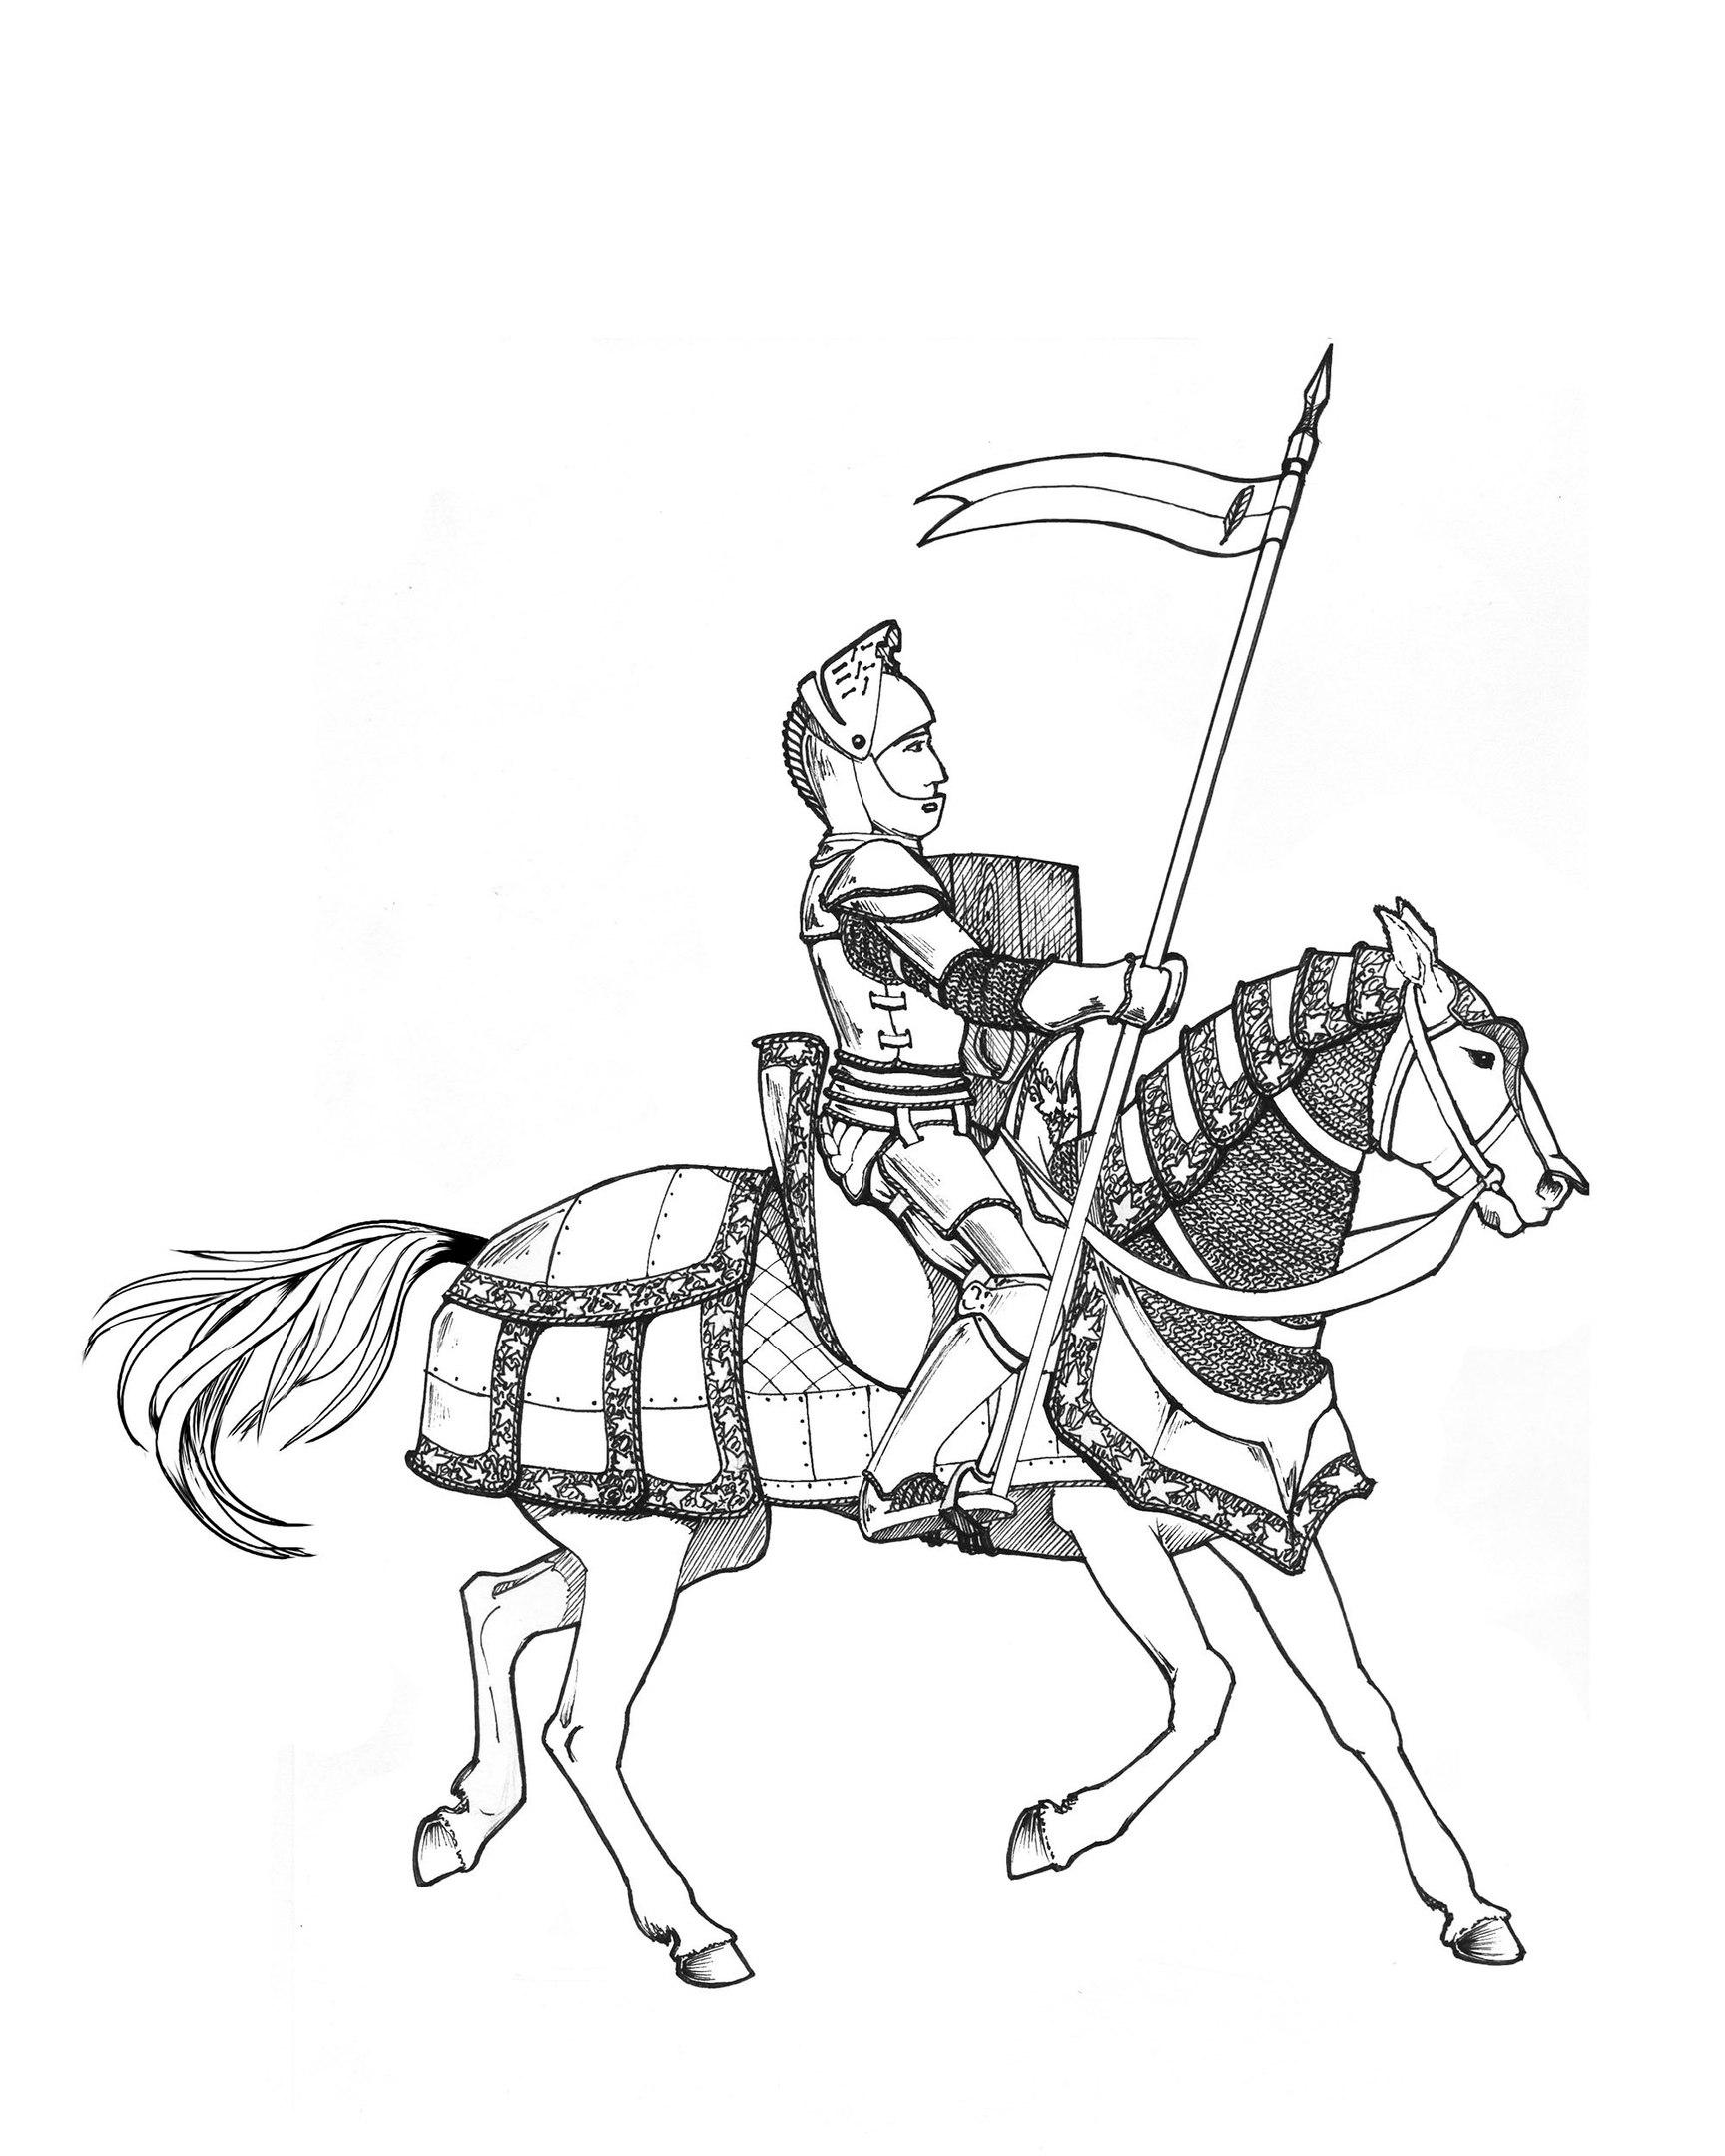 Секс девочки сасуд у конём